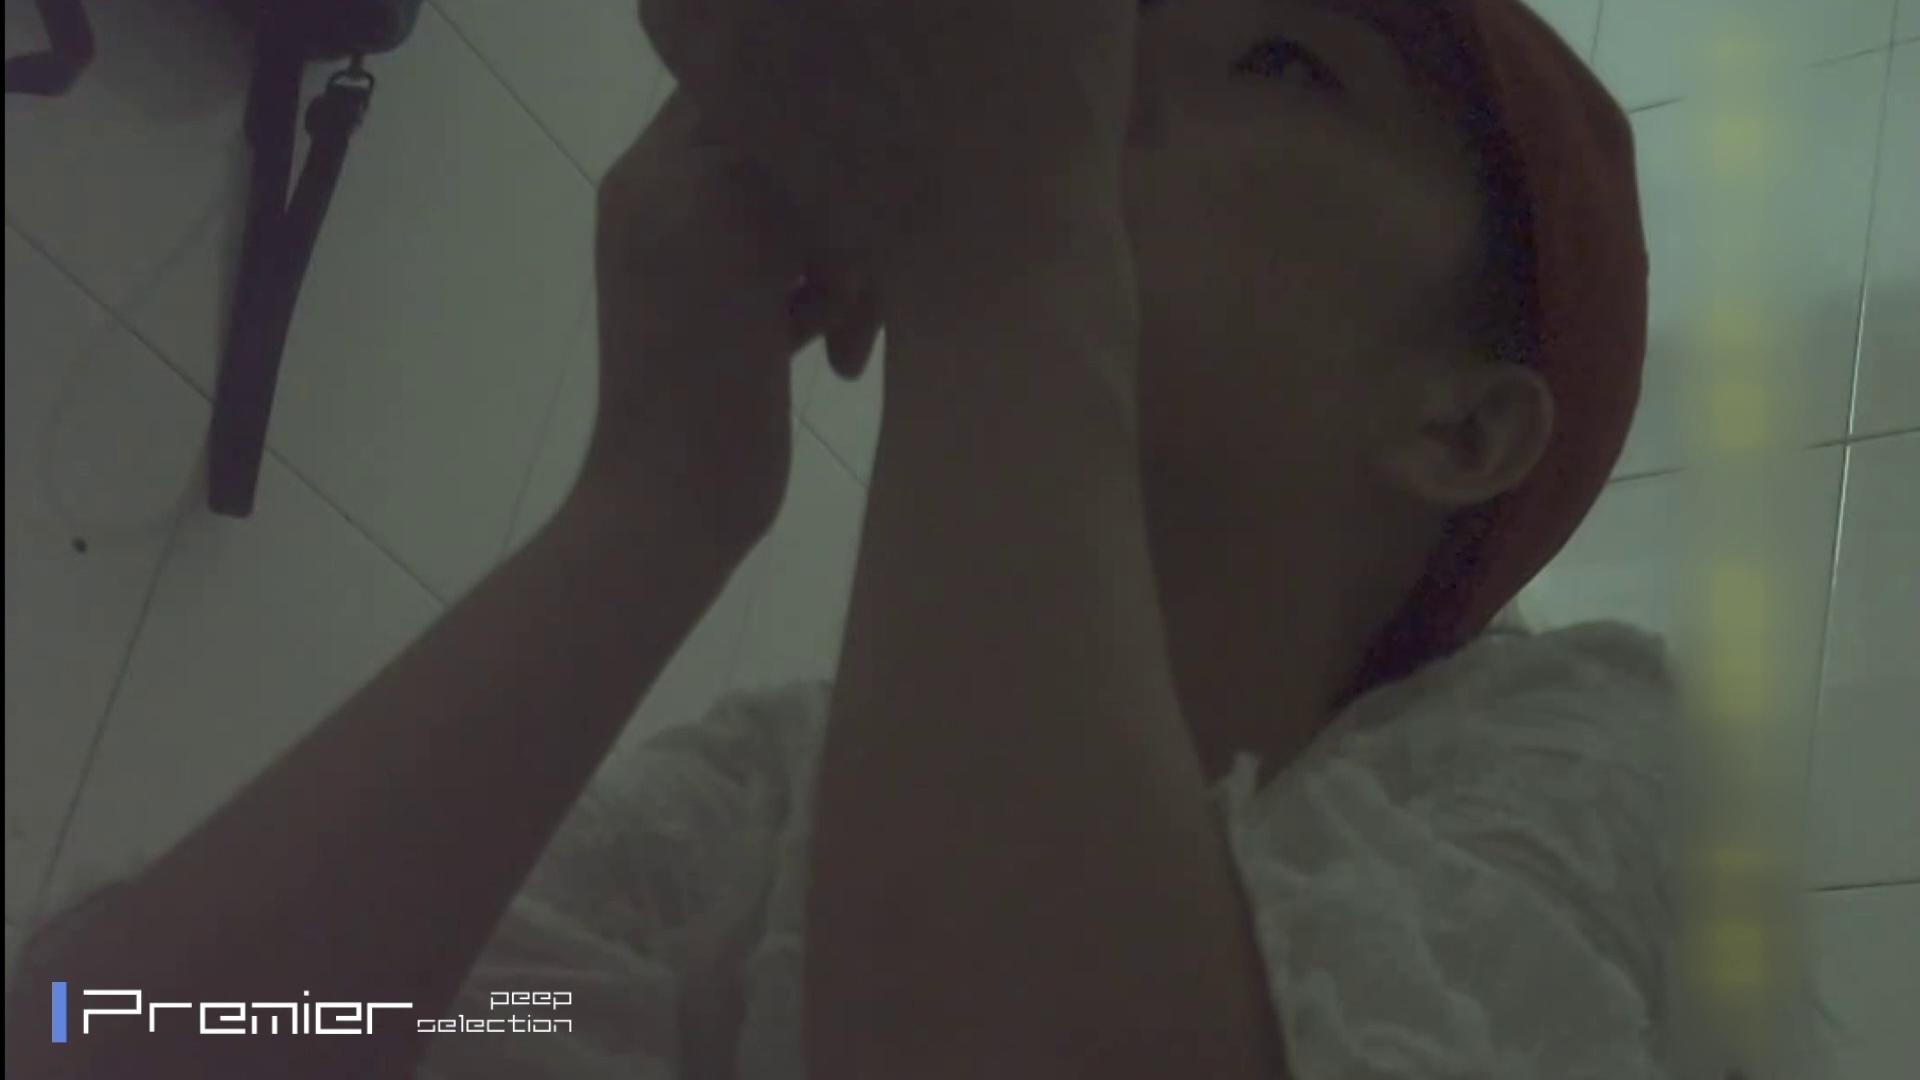 トイレシーンを密着盗撮!! 美女の痴態に密着!Vol.30 トイレ  61pic 43